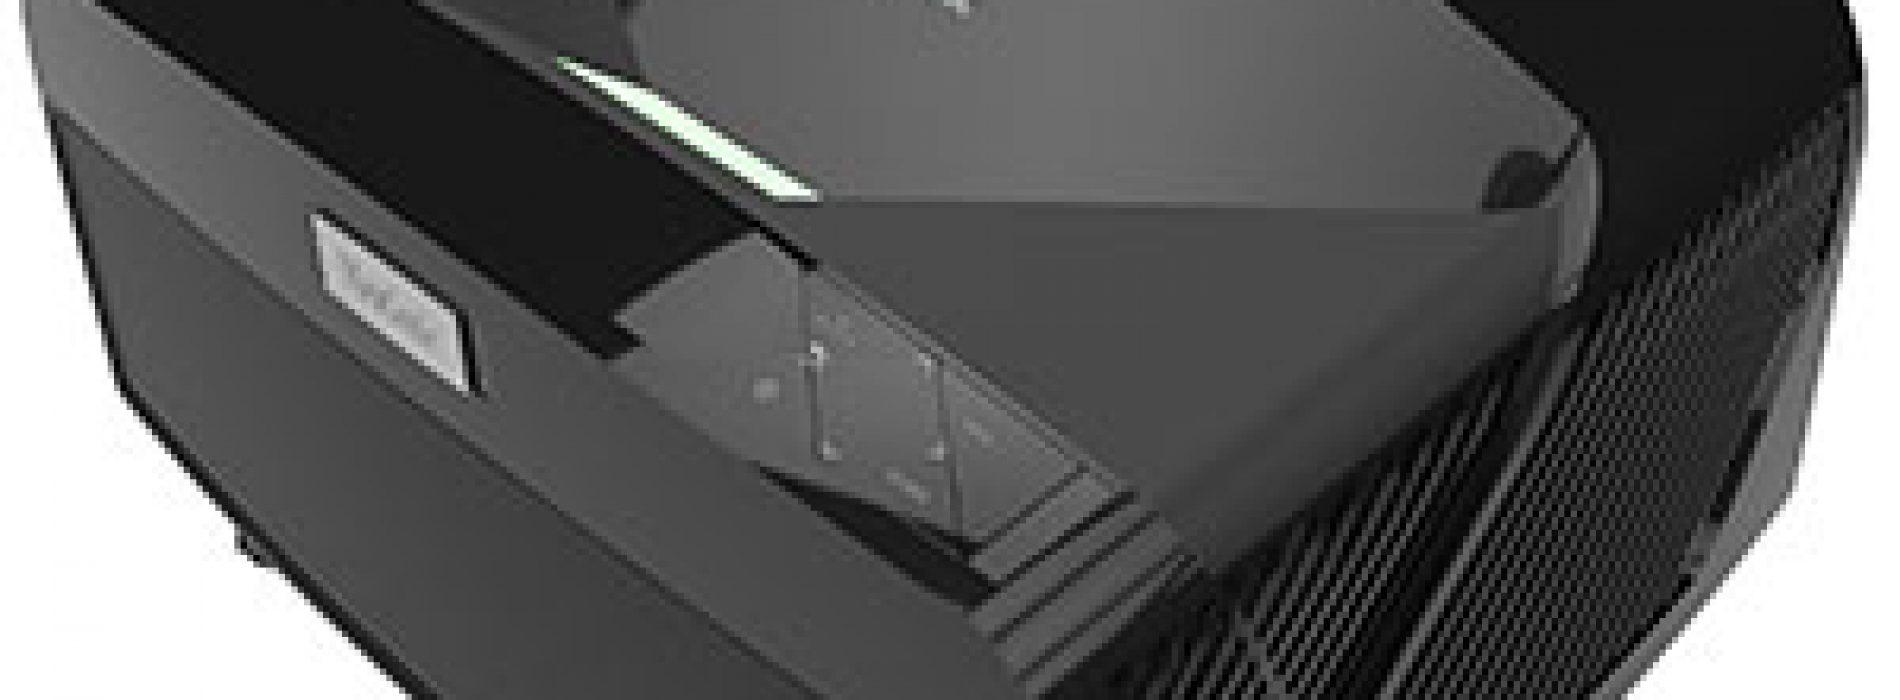 Proyectores digitales láser basados en fósforo